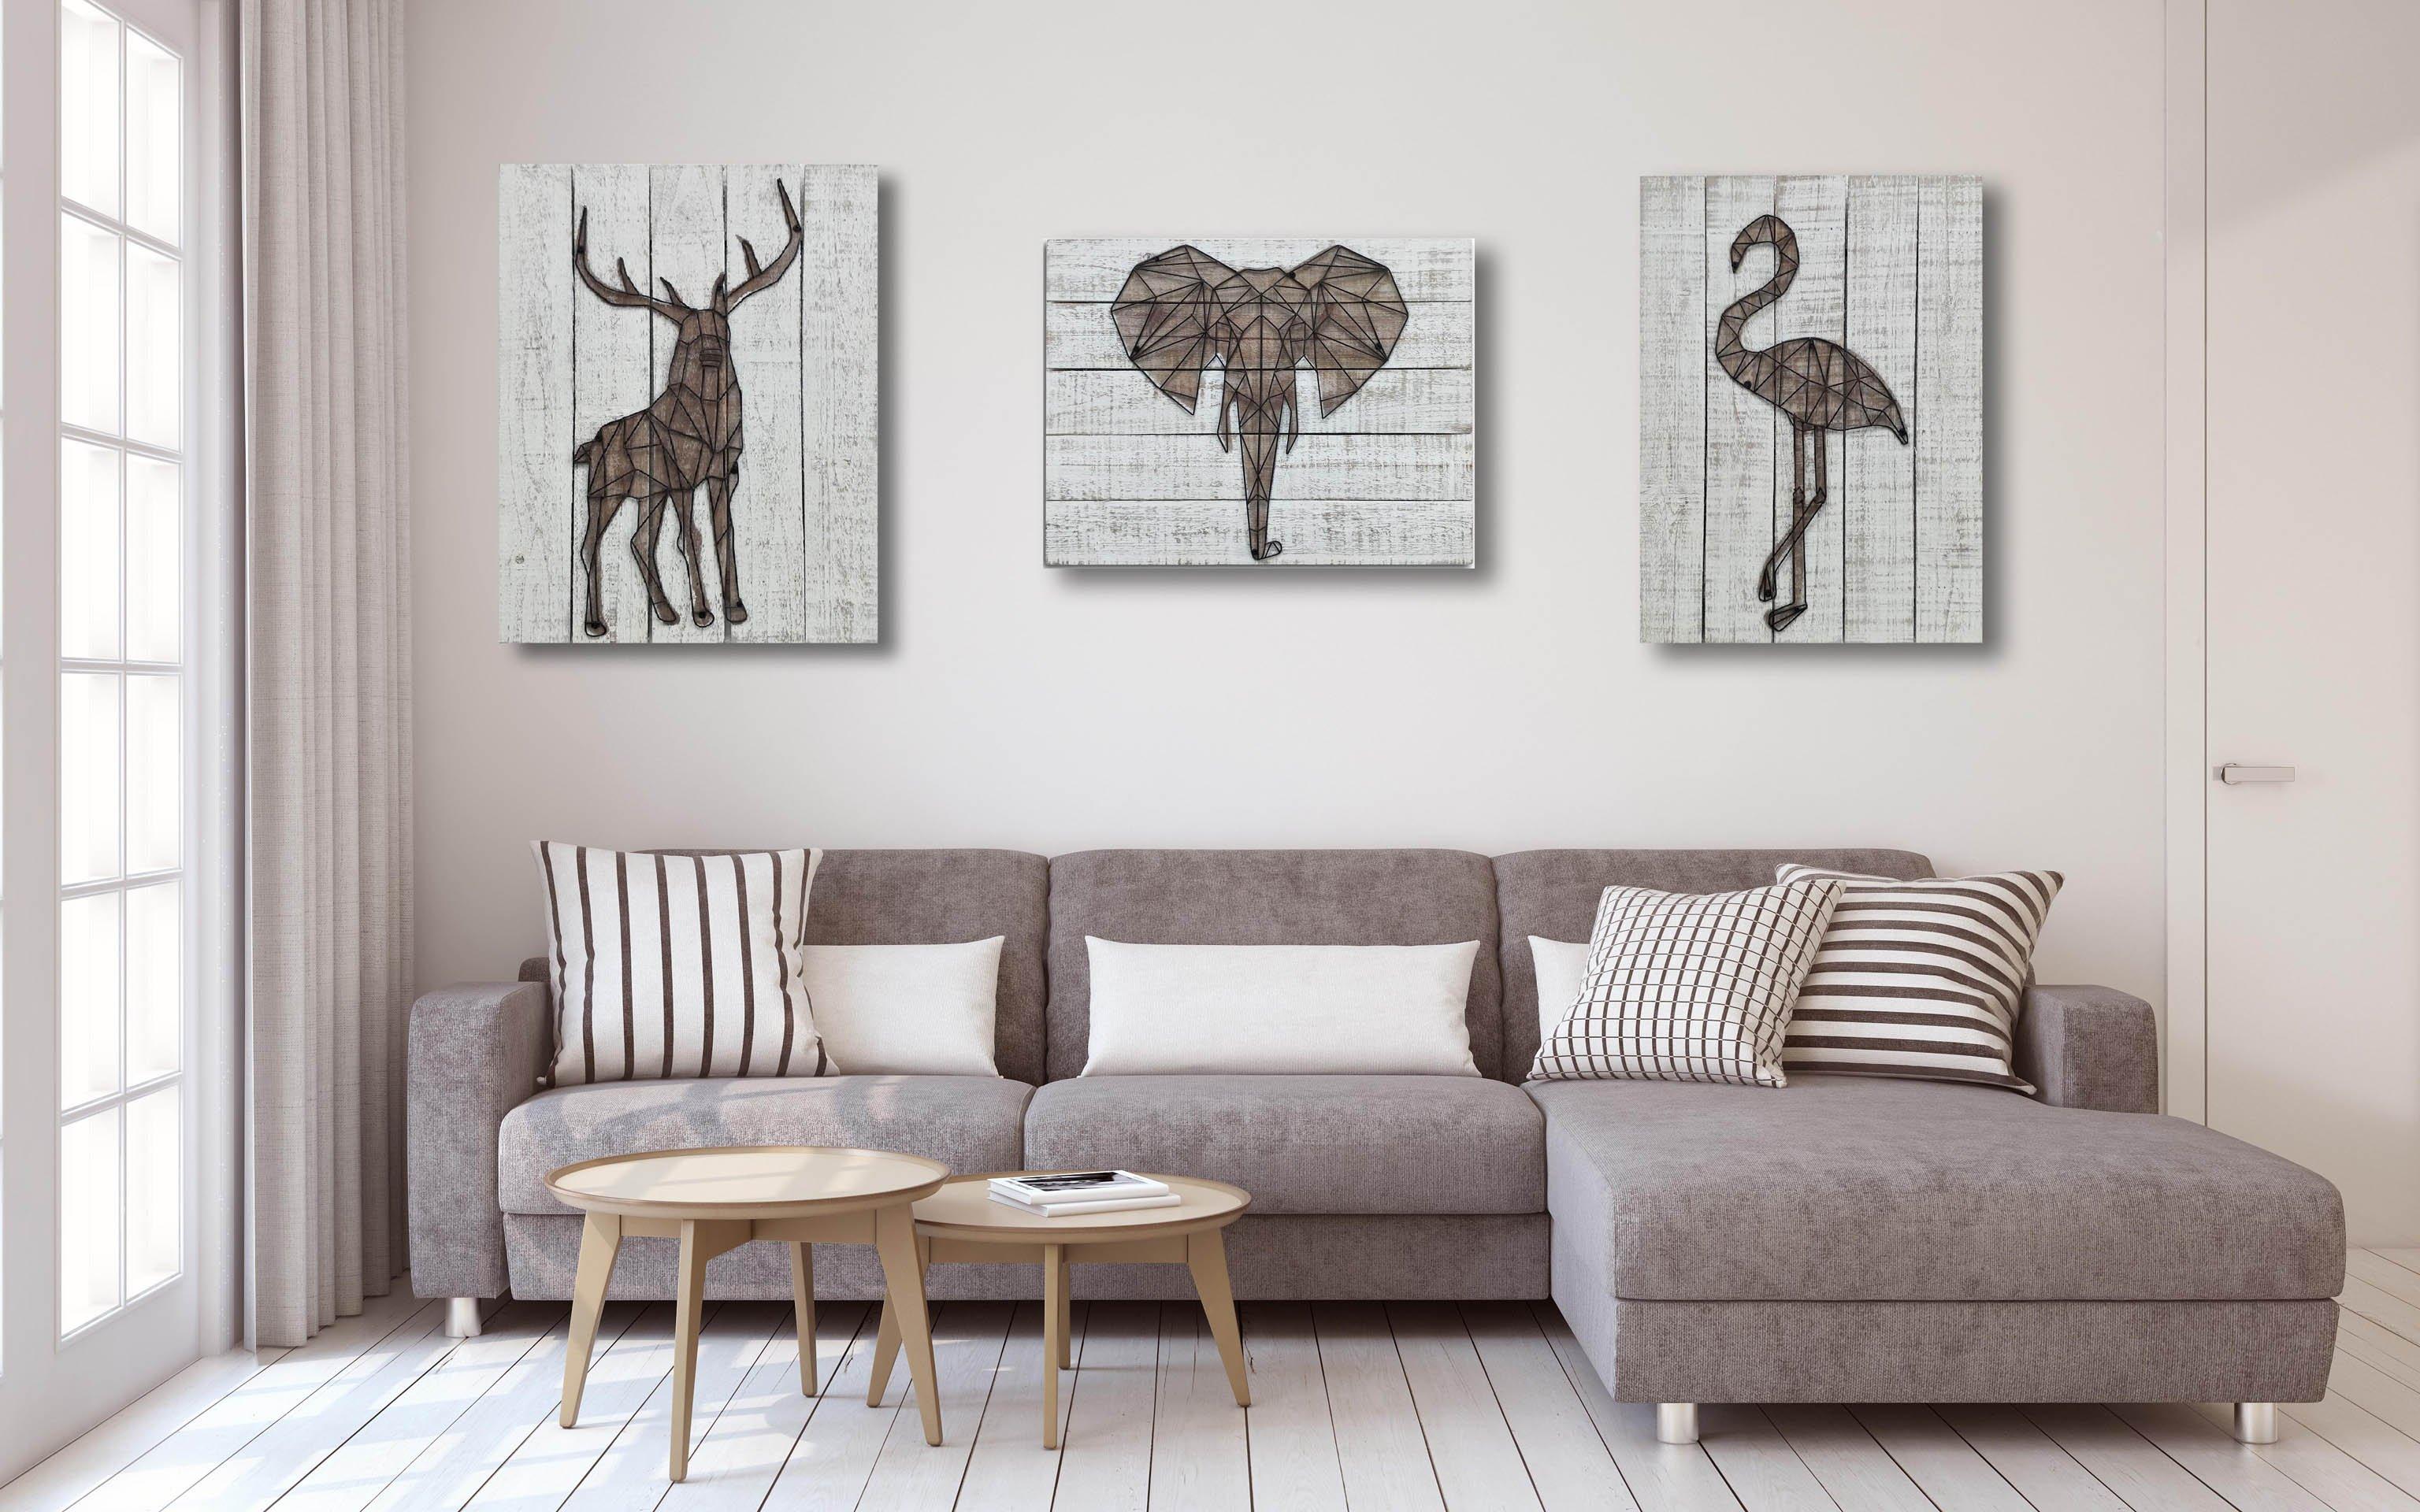 Cómo potenciar la simetría en la decoración del salón